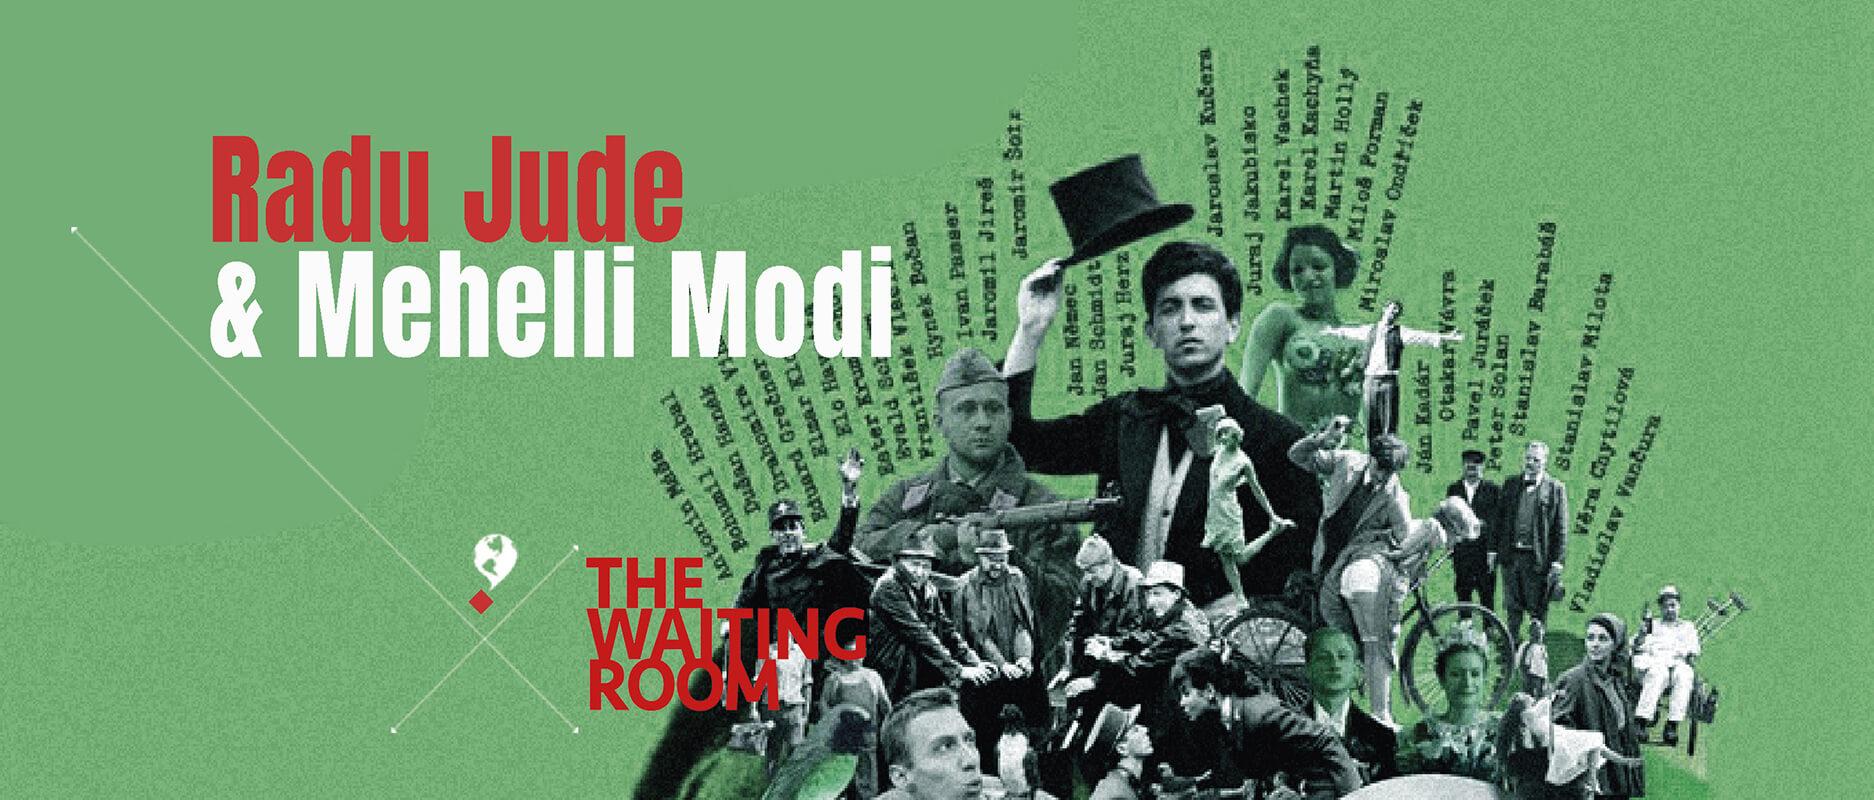 Dialog cu Radu Jude și Mehelli Modi